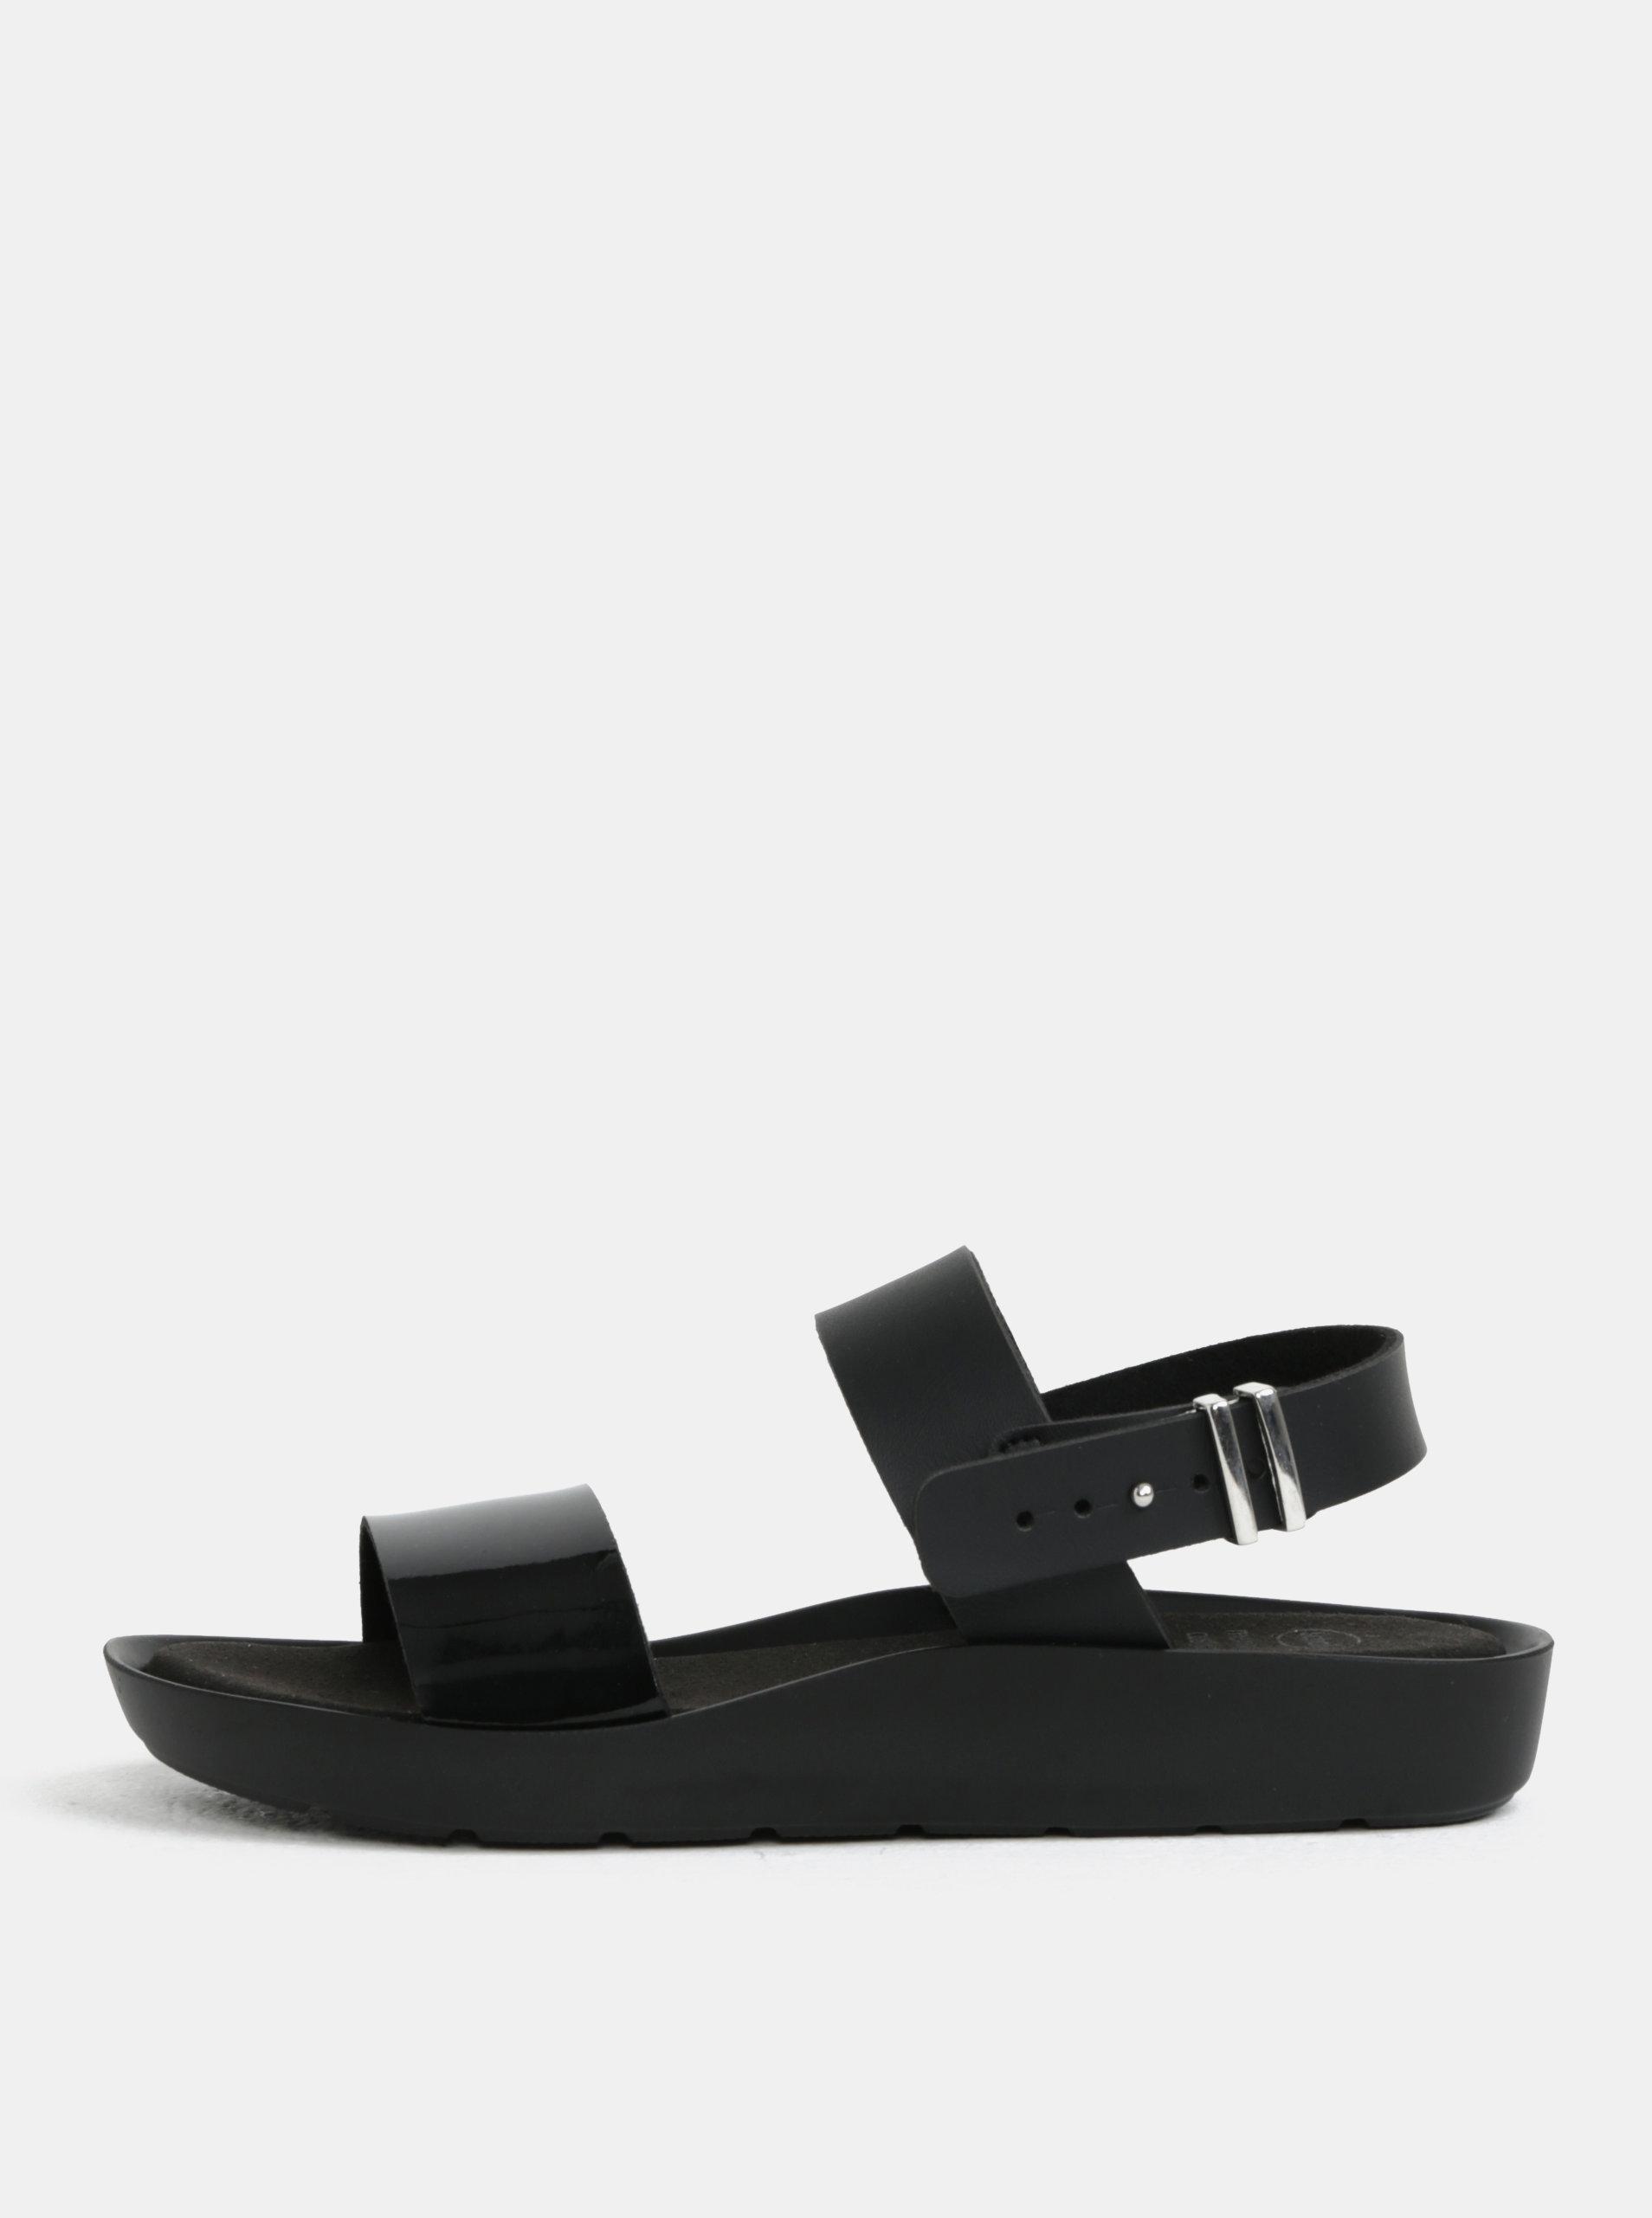 e5da3a56bba0 Čierne dámske zdravotné sandále Scholl Mamore ...